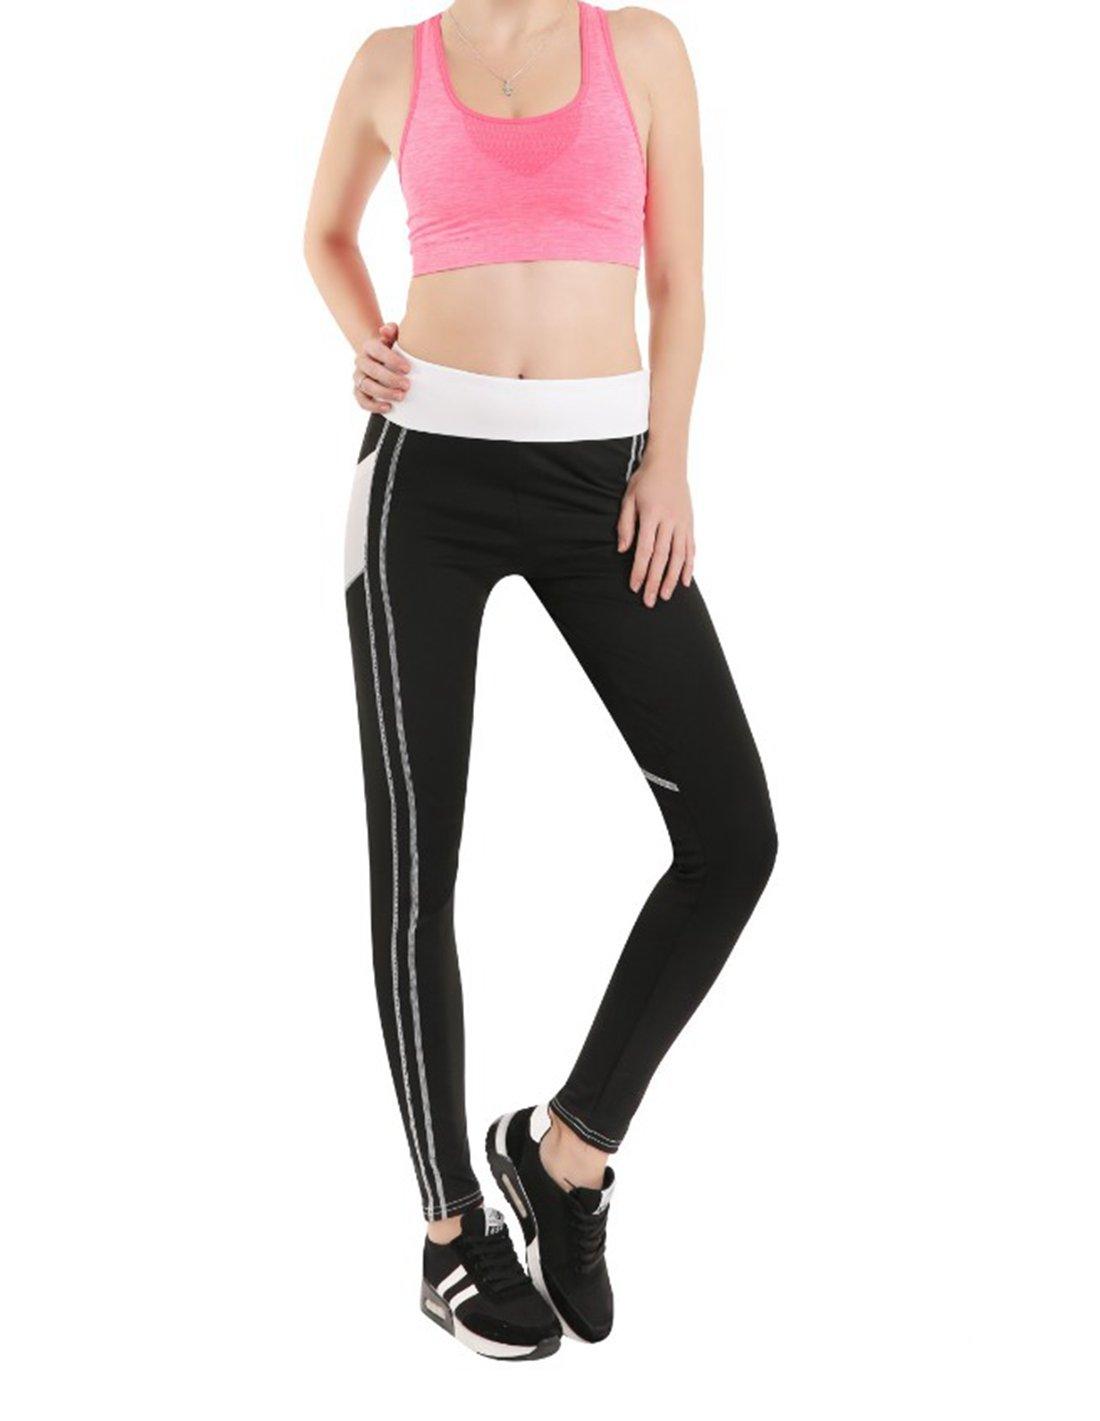 XYACM Pantalones de Yoga Ropa Mujer Pantalones Deportivos de ...